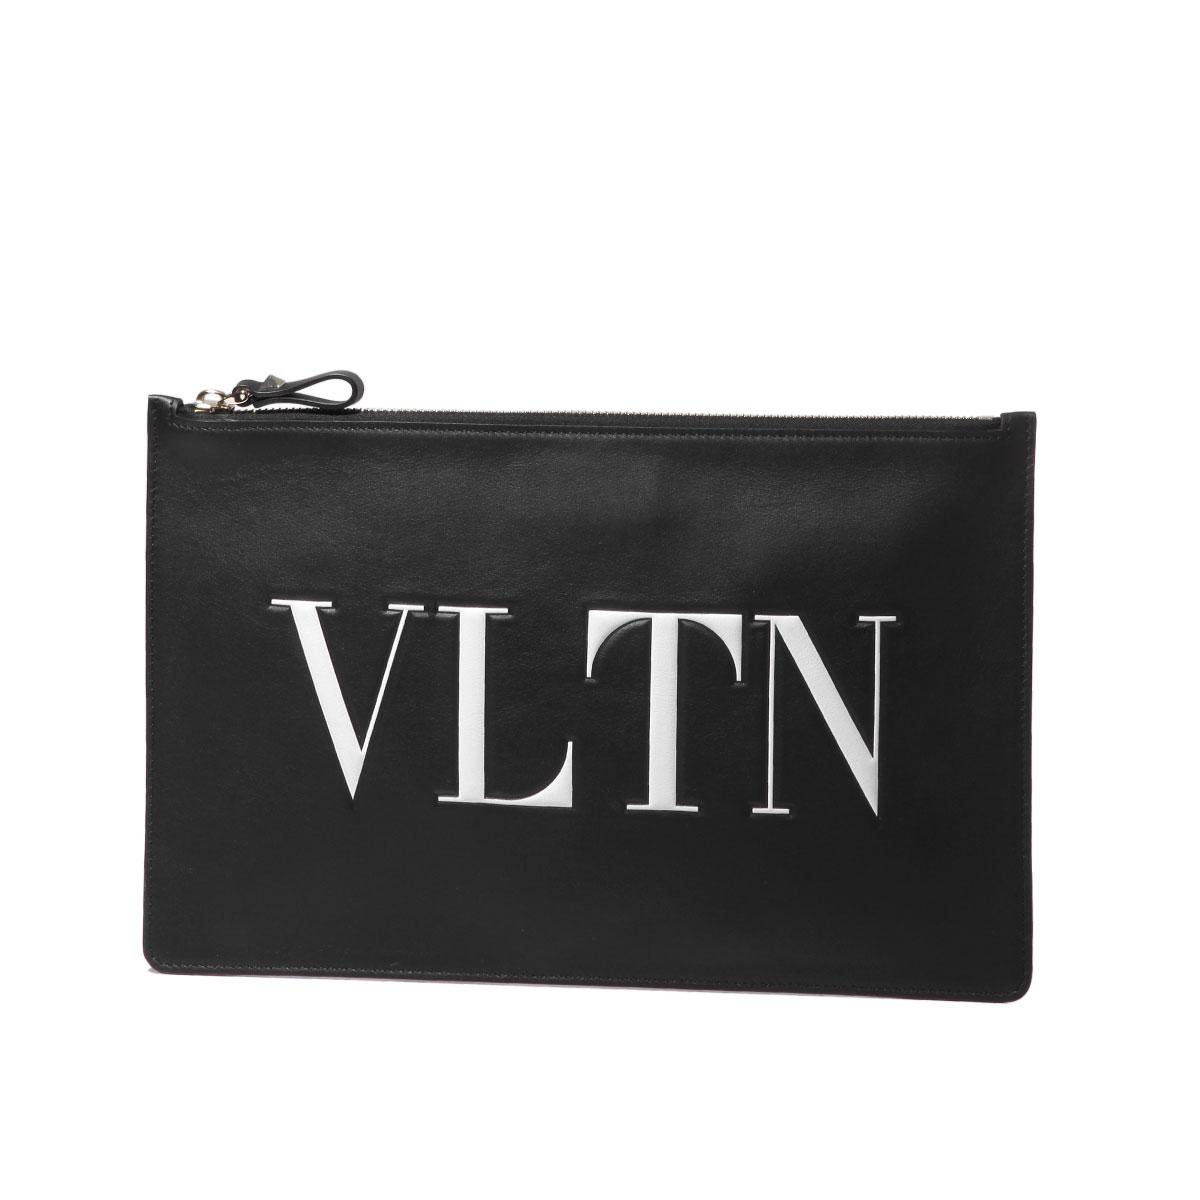 ヴァレンティノ VALENTINO バッグ レディース QW2P0269RCH 0NI クラッチバッグ NERO/BIANCO ブラック